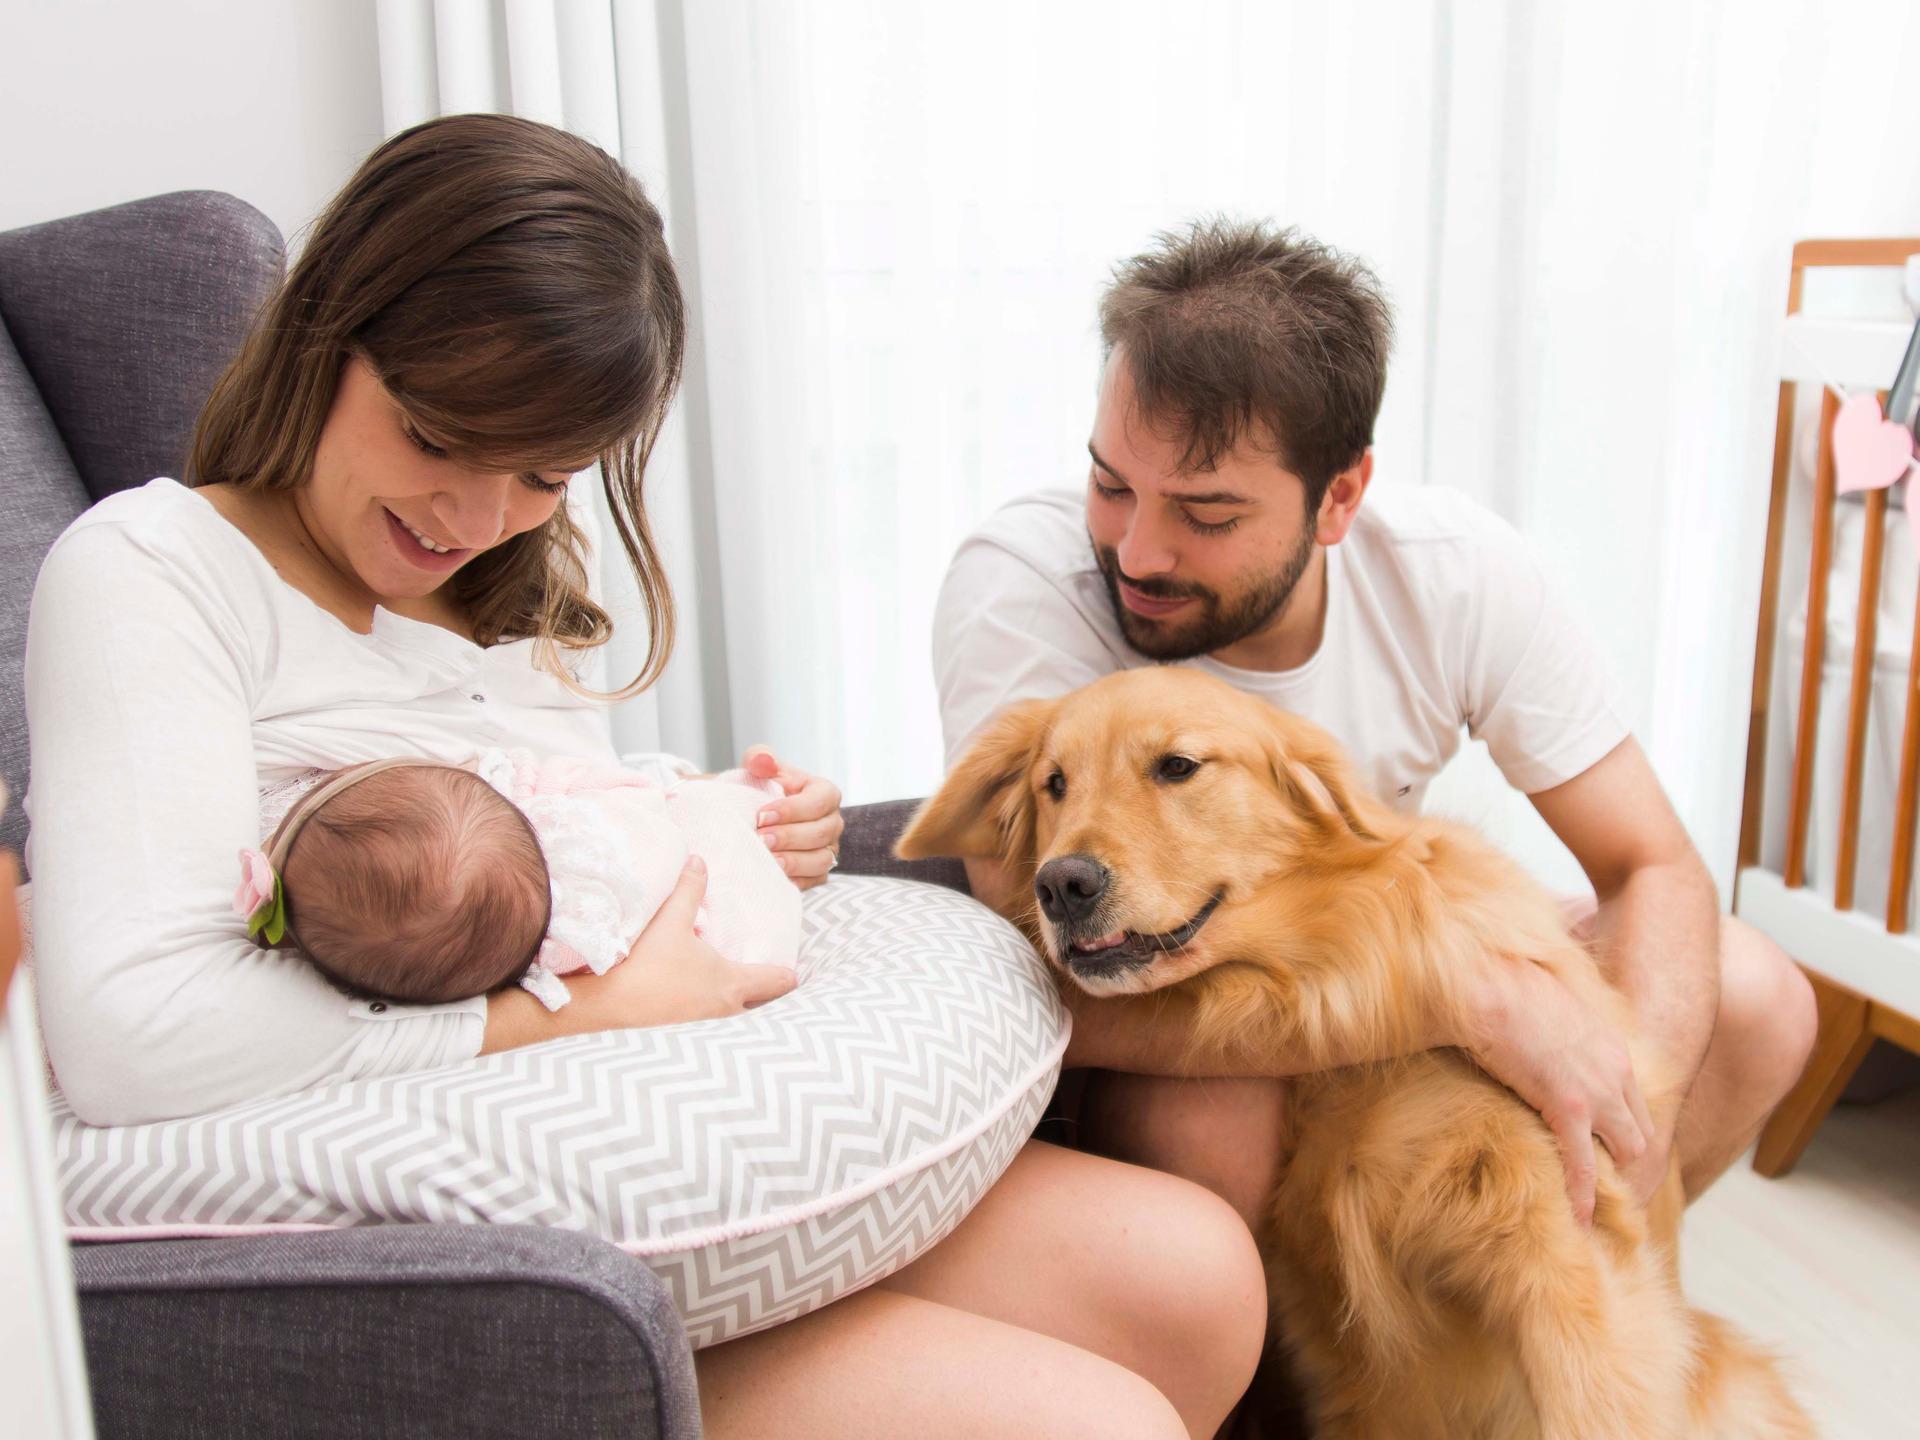 ensaio em casa, ensaio bebê, lifestyle, foto e bebê, newborn em casa, ensaio newborn, ensaio de família, foto de recém-nascido, inspiração ensaio bebê, família, amor, foto com animais, ensaio com cachorro